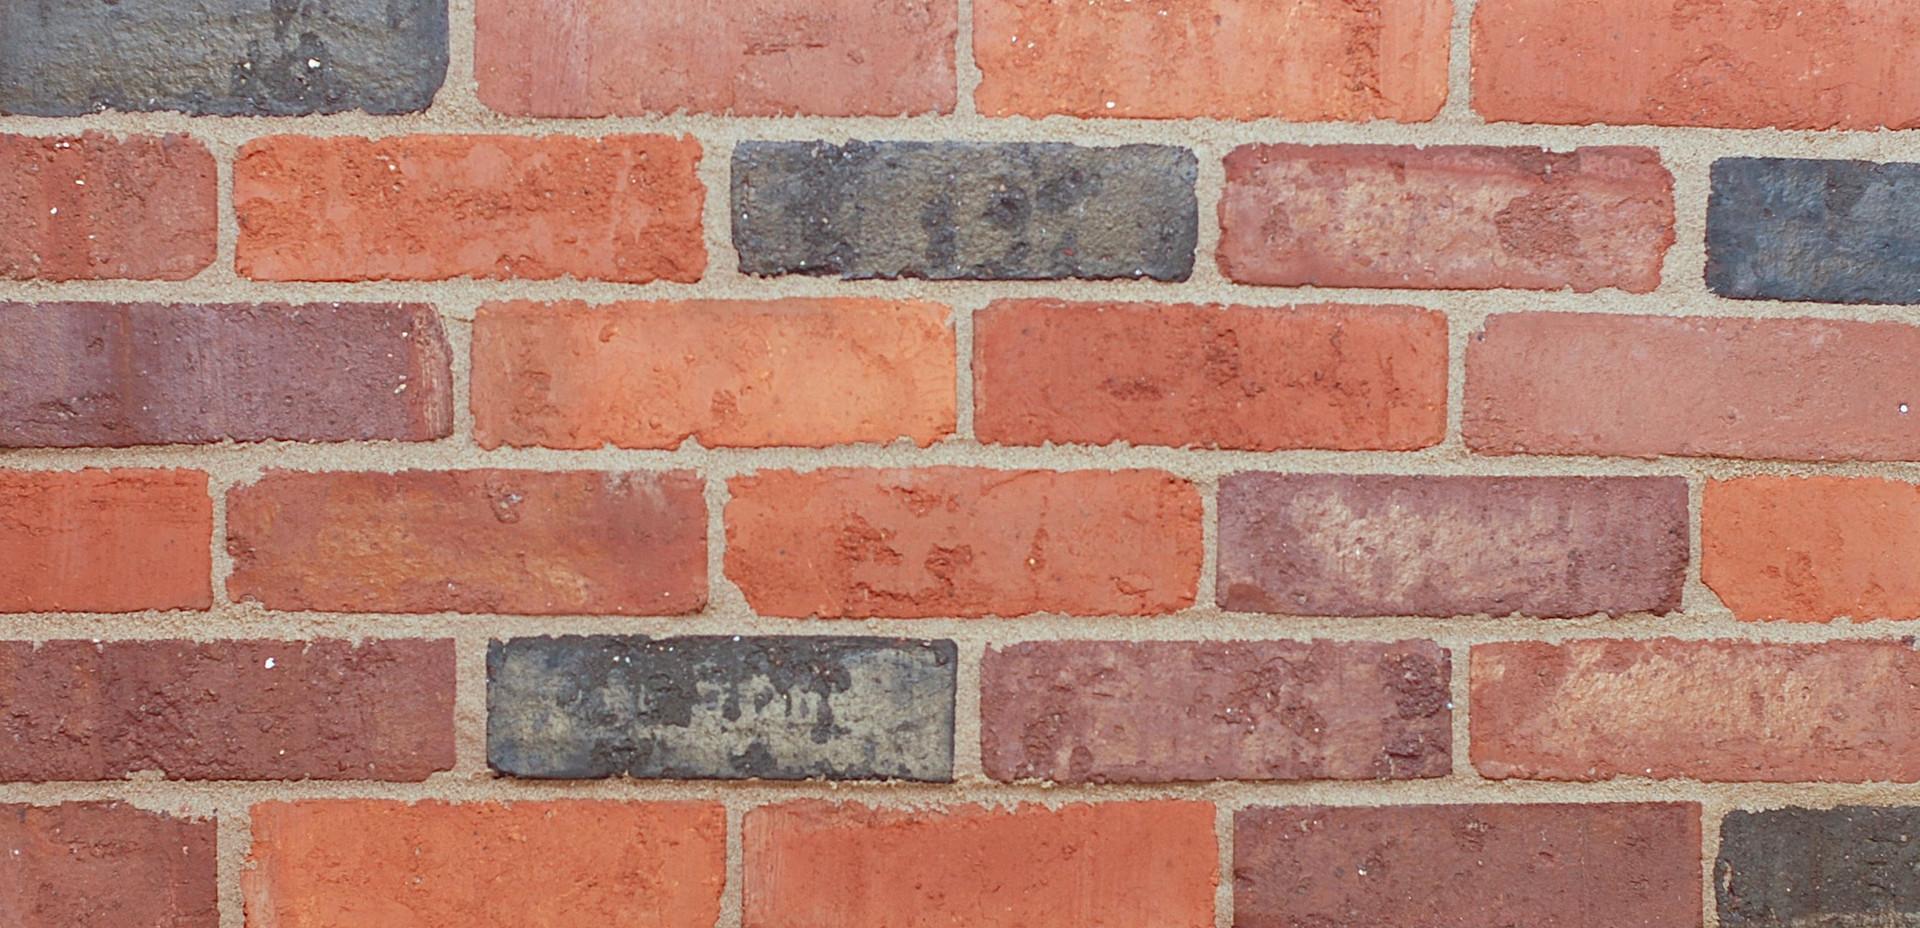 clamp-range-furness-brick-antique-orange